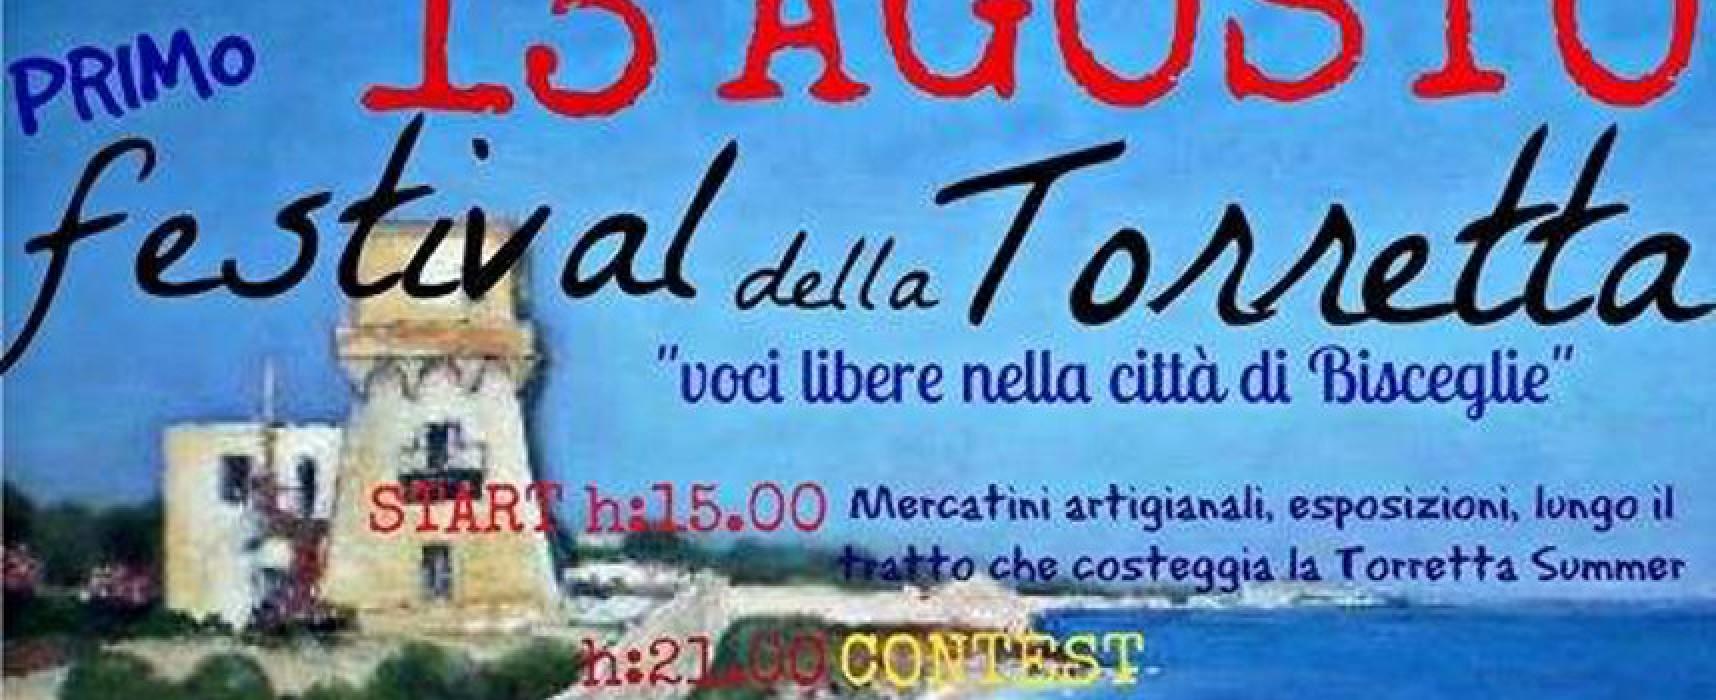 Prima edizione del festival della torretta, contest musicale con ben sei band in gara